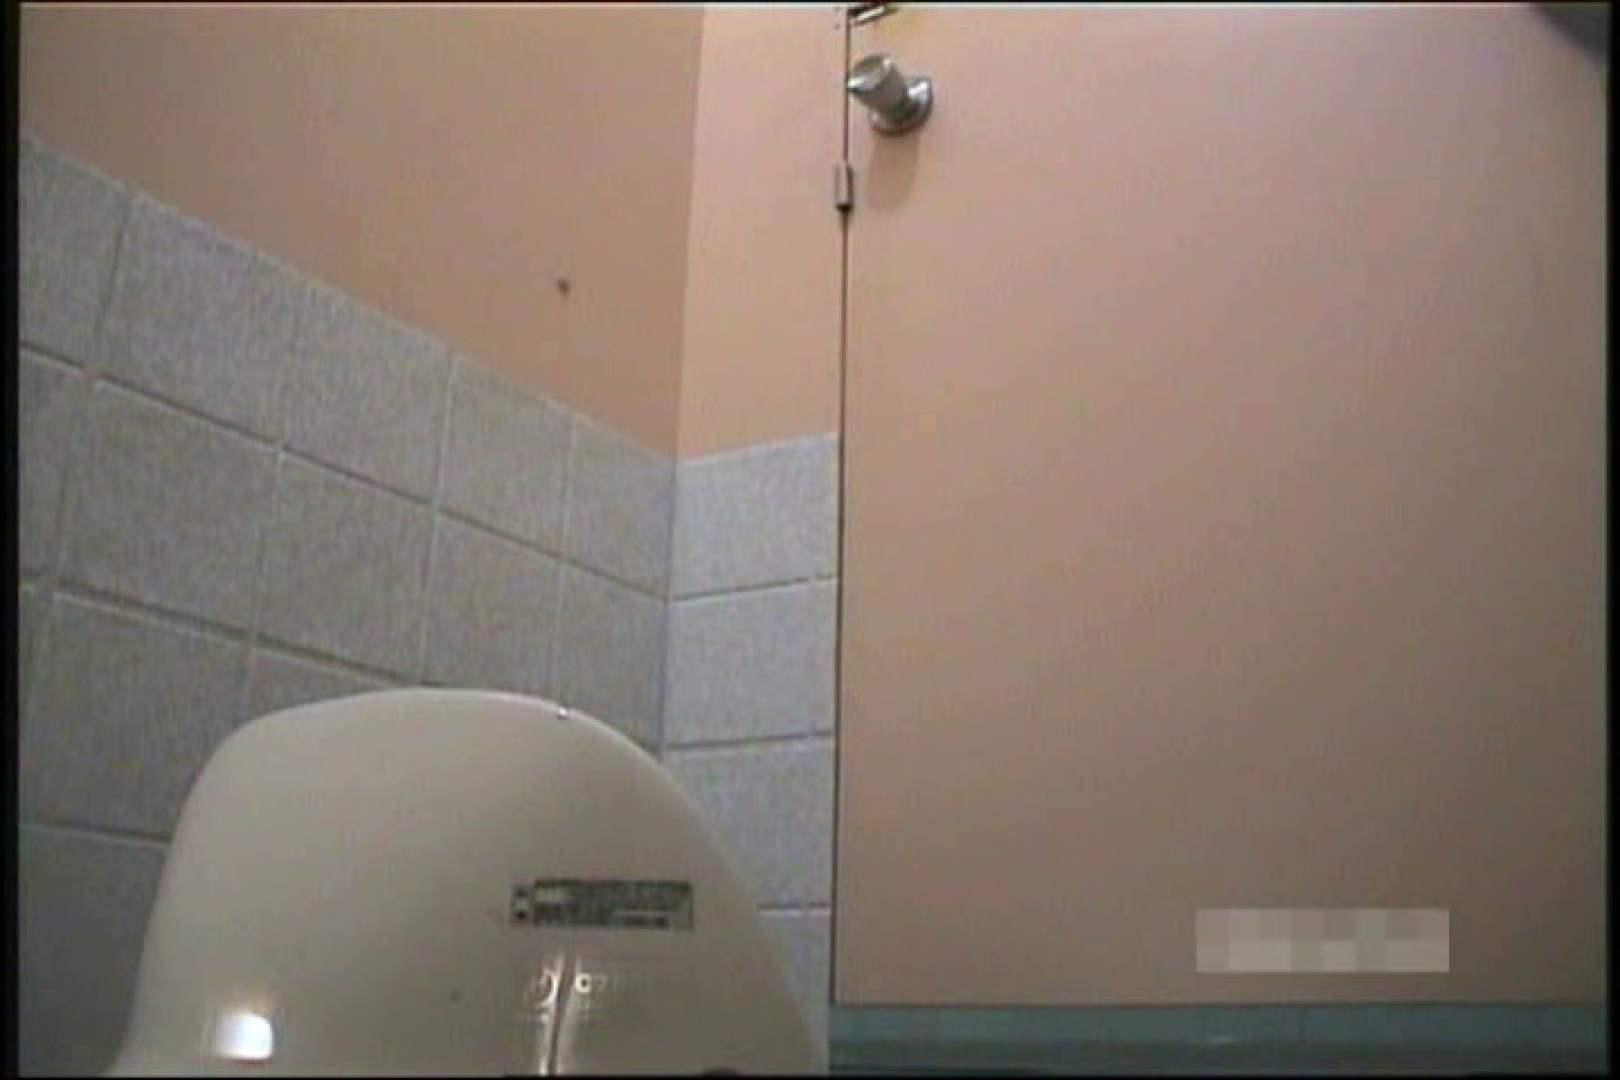 美脚・美人・スレンダーじゃなきゃスチュワーデスじゃないVol.6 洗面所はめどり | エロティックなOL  93画像 1